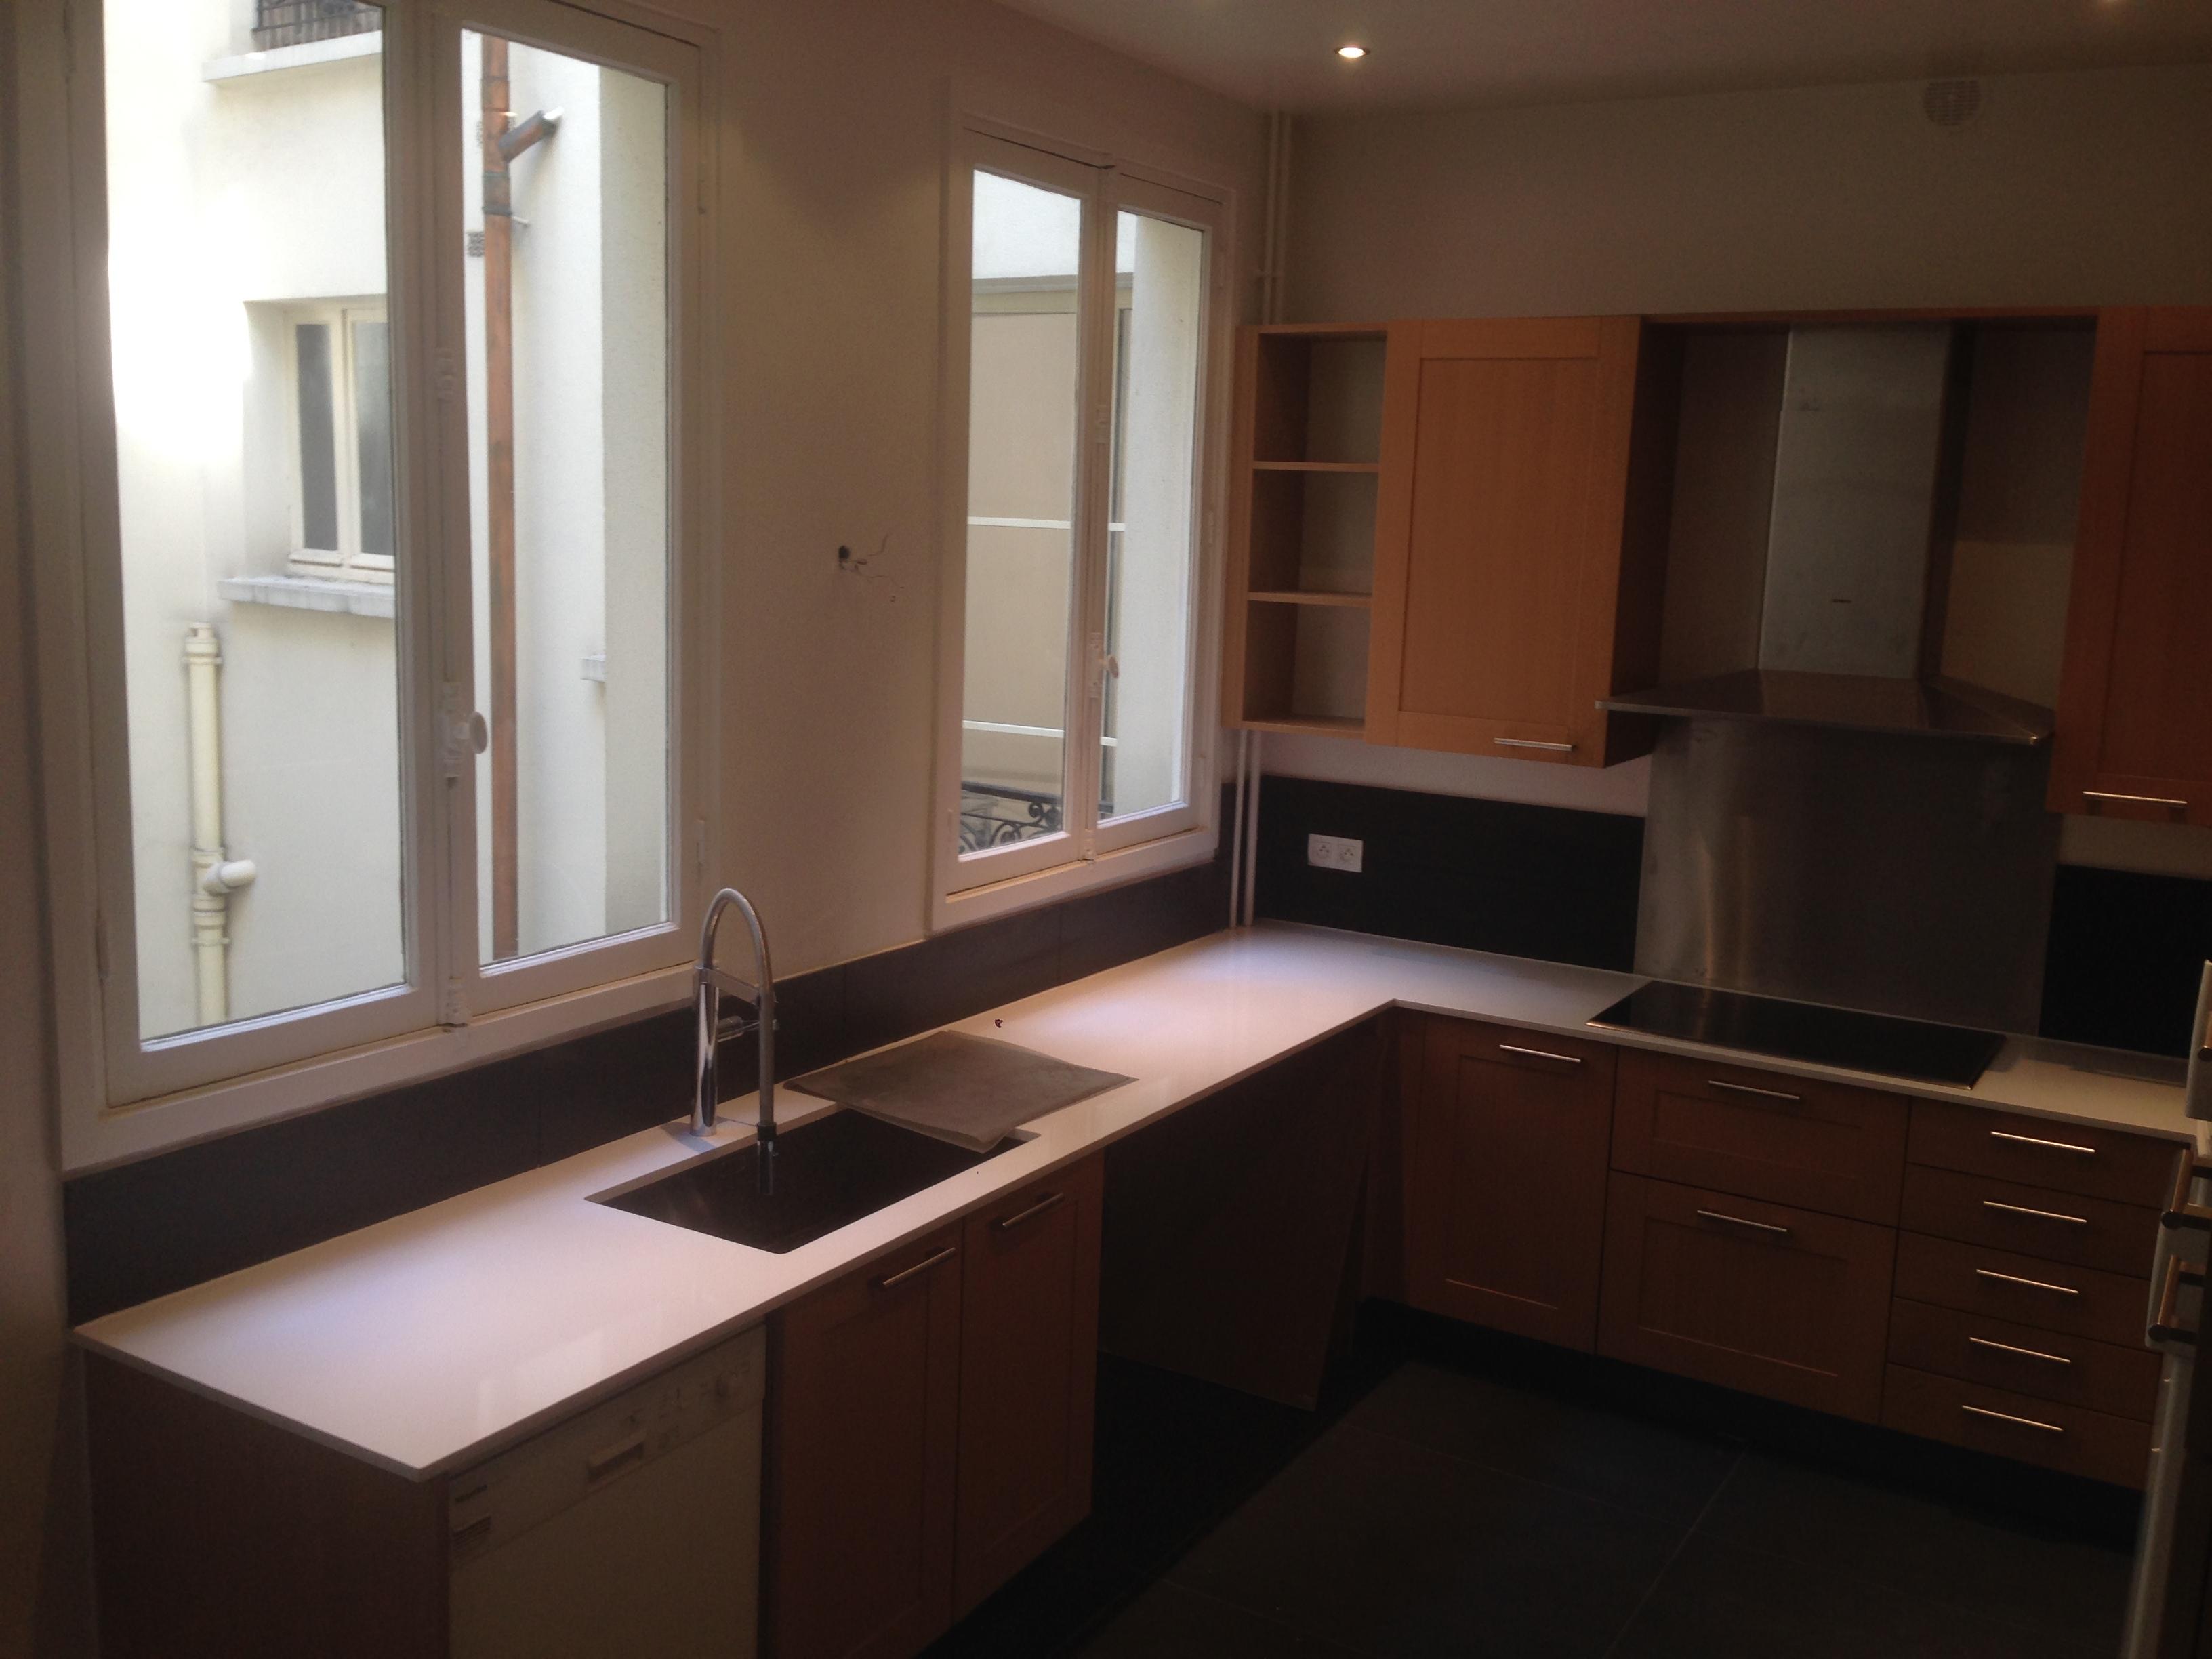 devis plan de travail com paris granit quartz marbre plan de travail quartz trappes 78. Black Bedroom Furniture Sets. Home Design Ideas